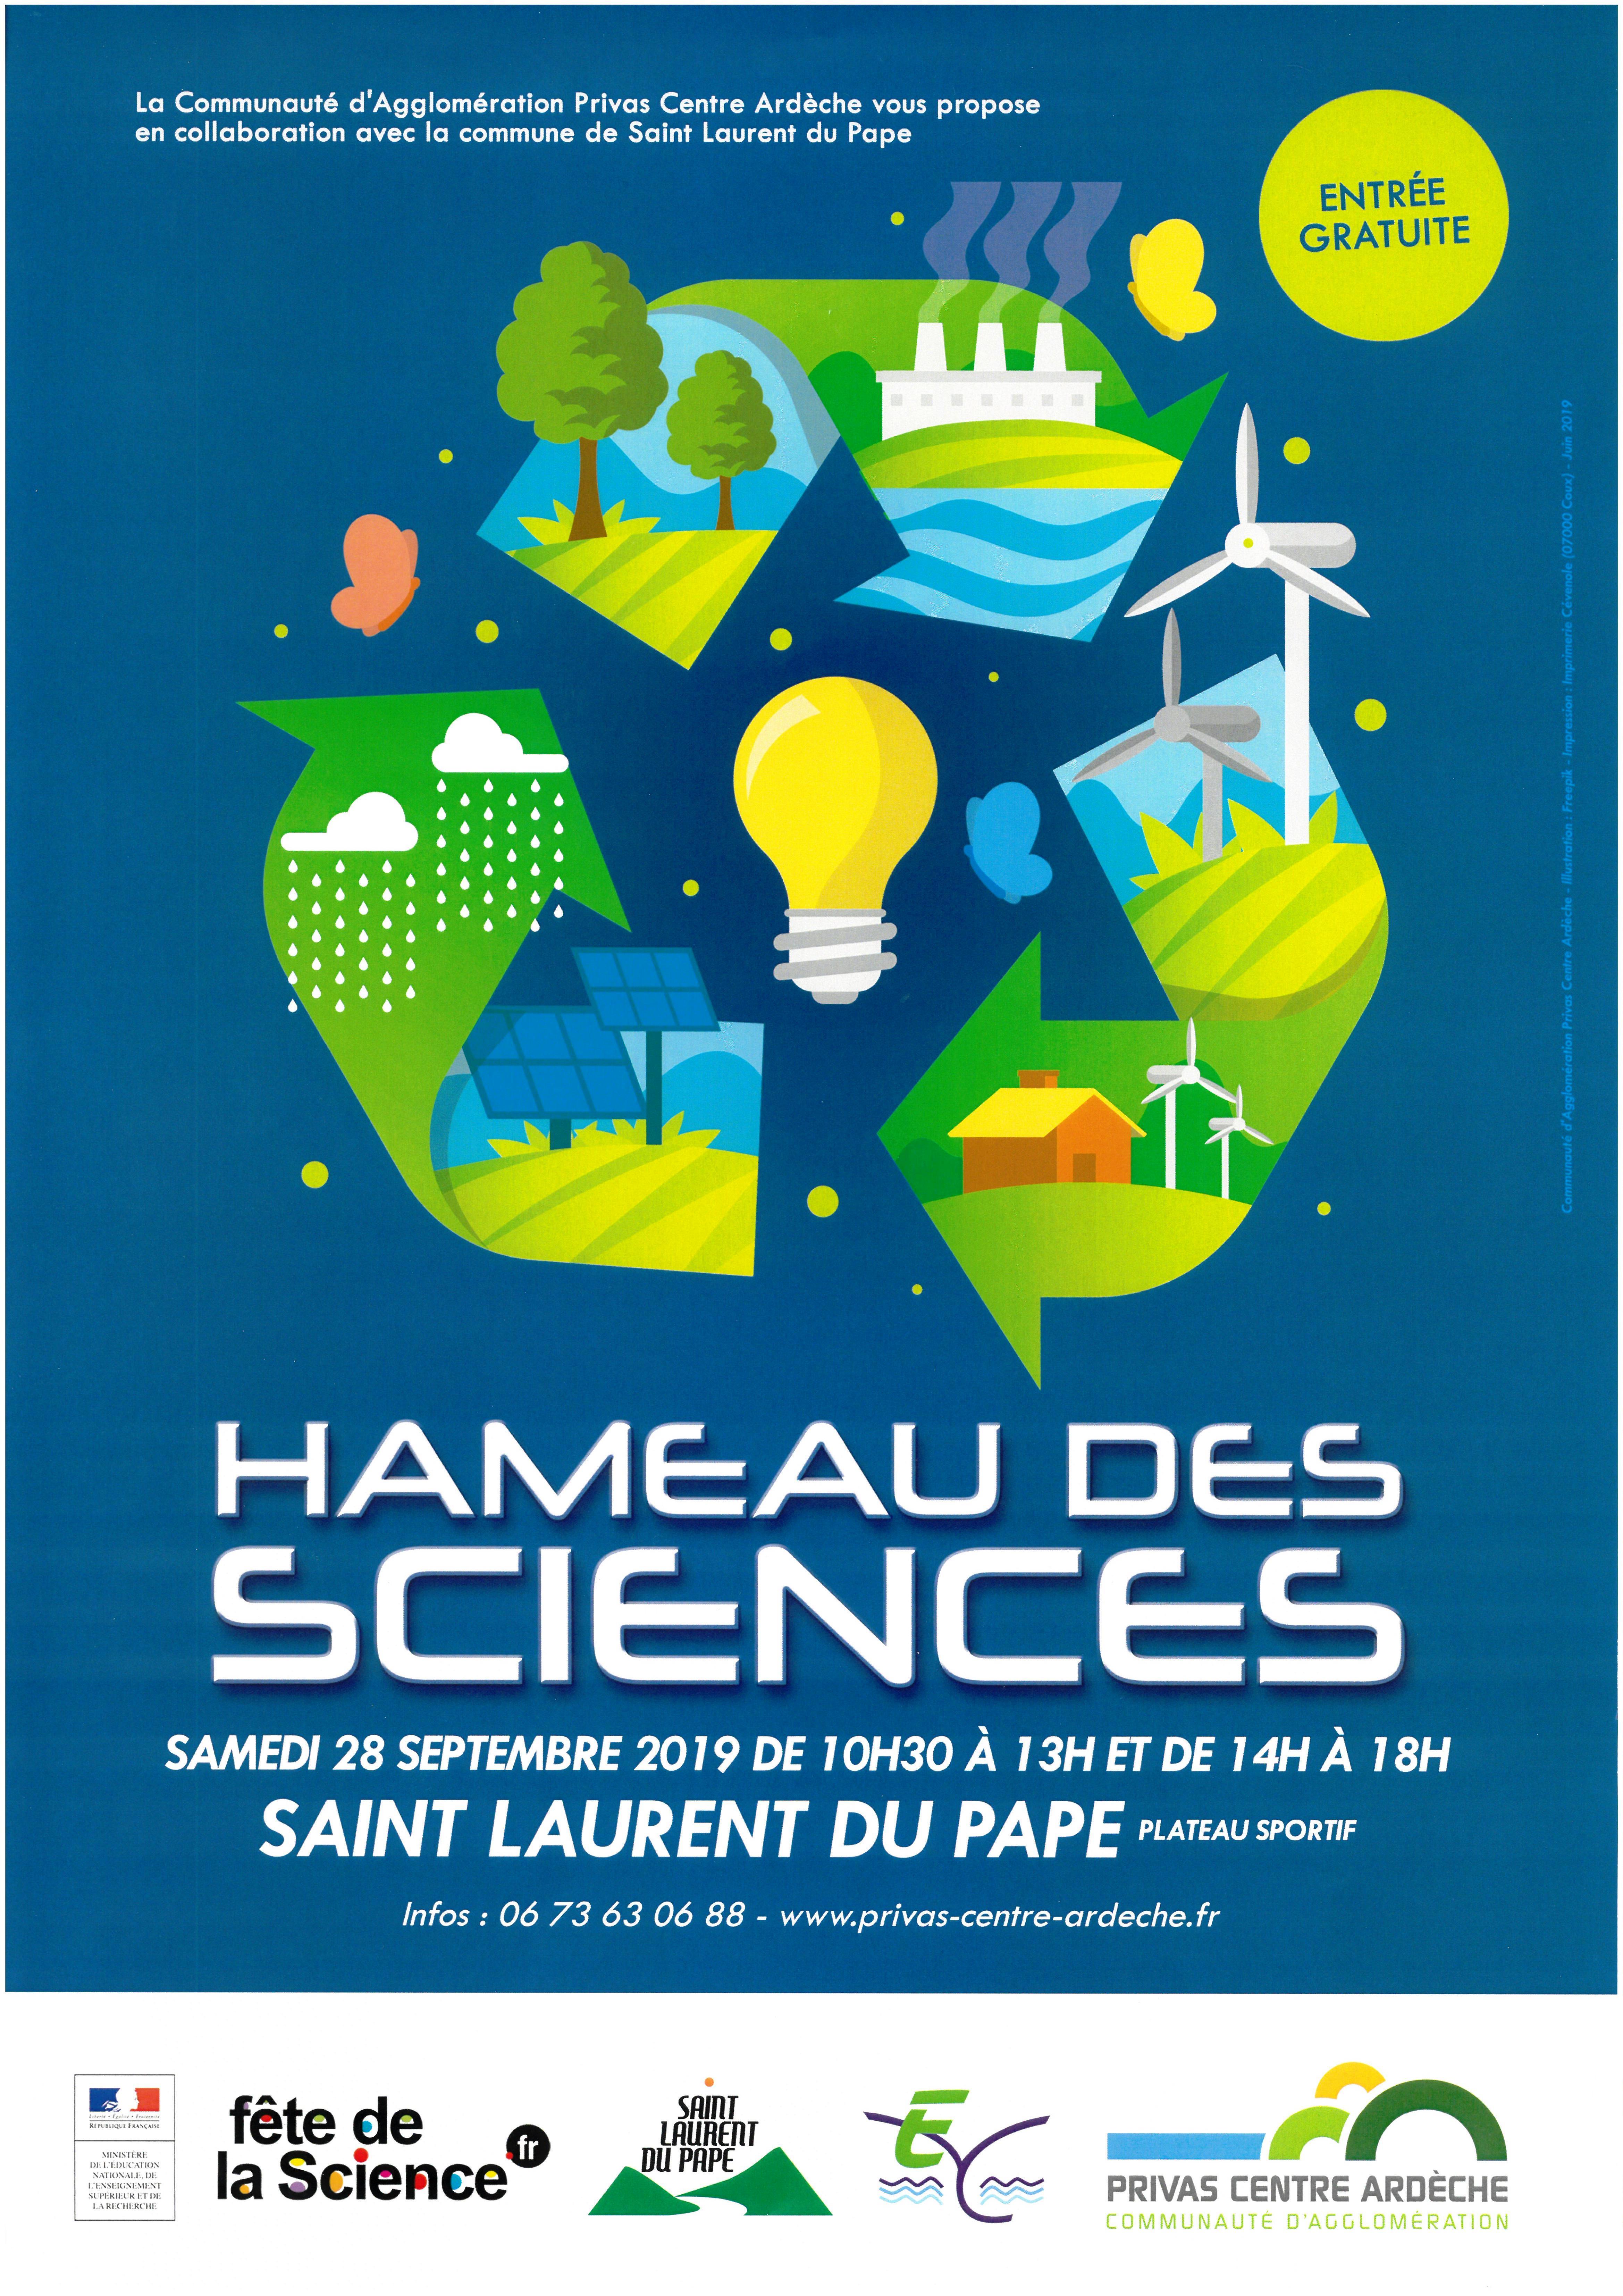 Alle leuke evenementen! : Fête de la science : Hameau des sciences (stands, animations et ateliers)